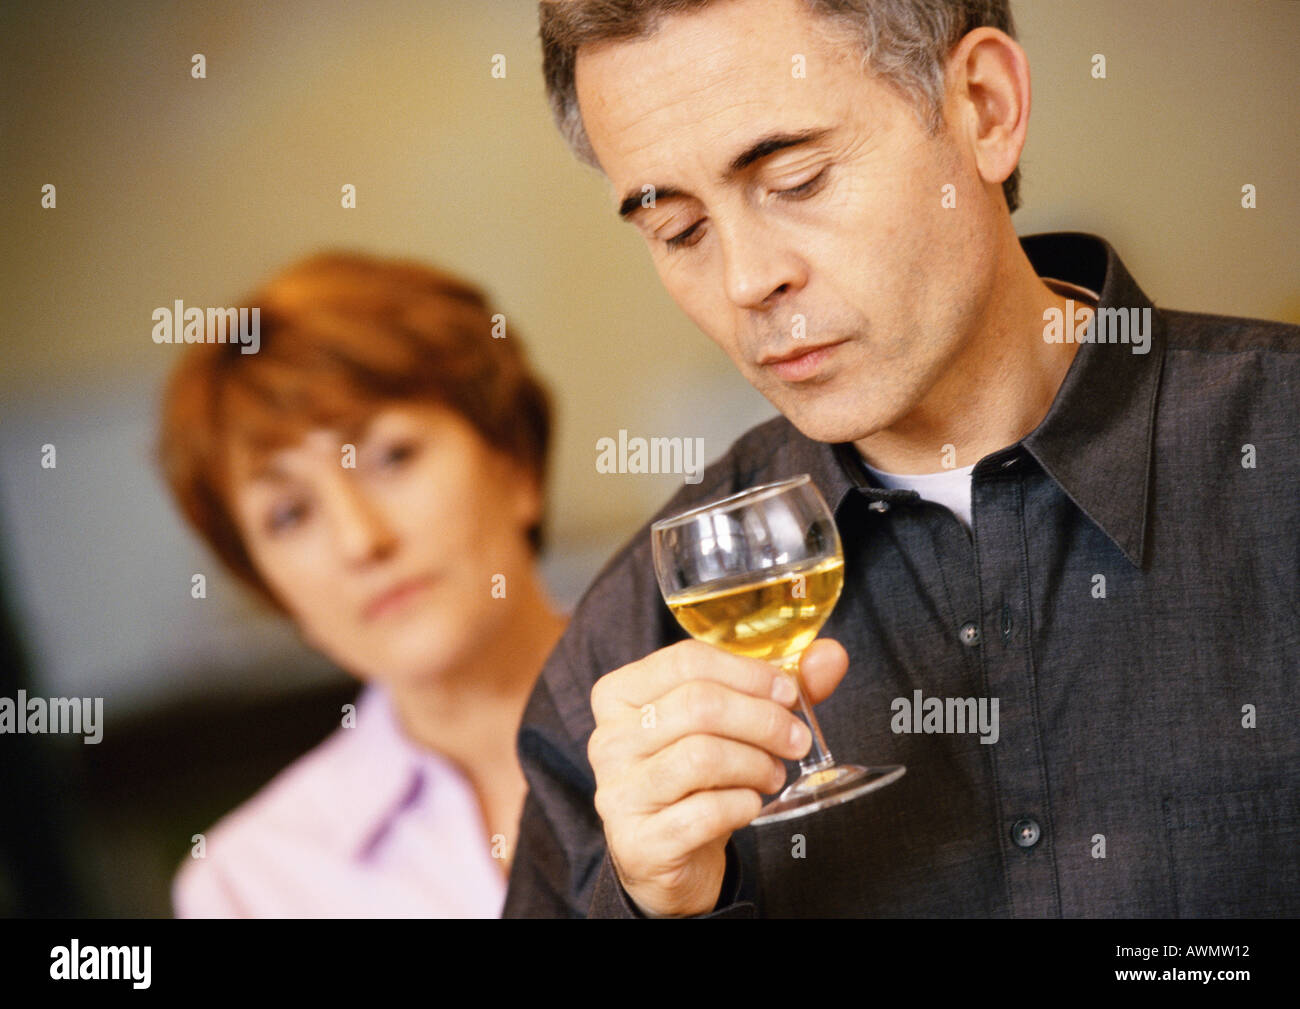 Man holding et à la recherche à un verre de vin, femme floue en arrière-plan, la tête et les épaules, close-up Banque D'Images